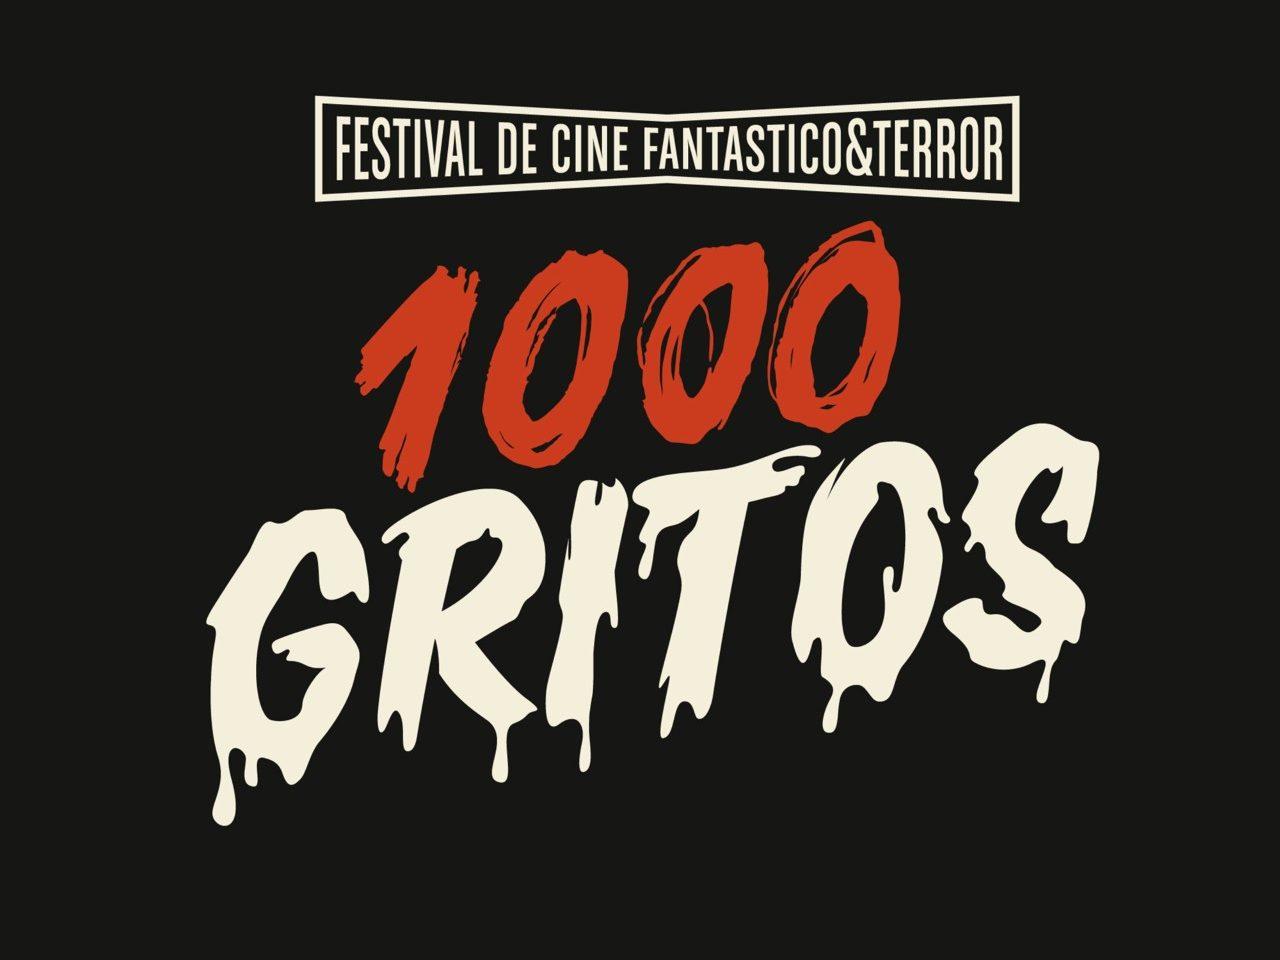 1000gritos